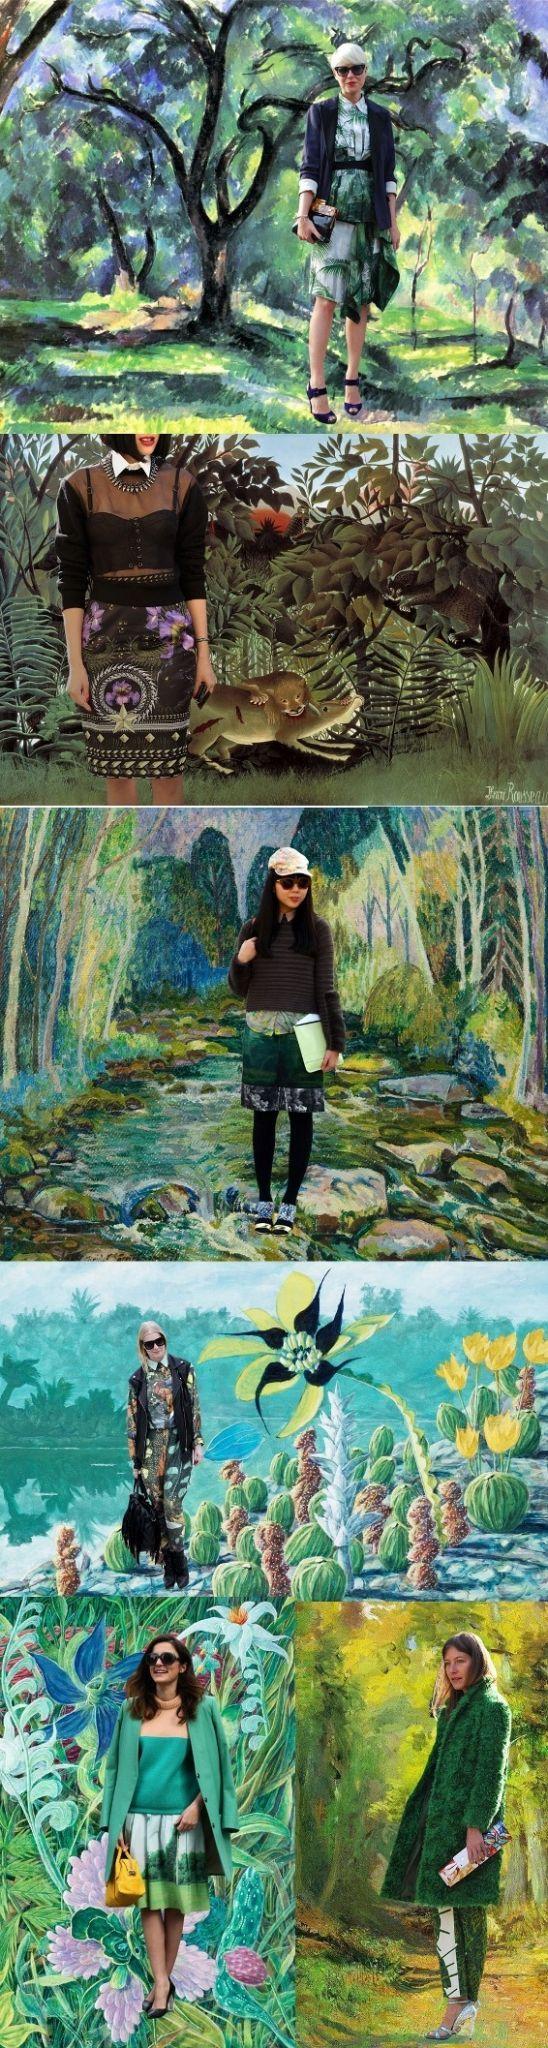 Moda e Arte: Street Style nas obras de arte